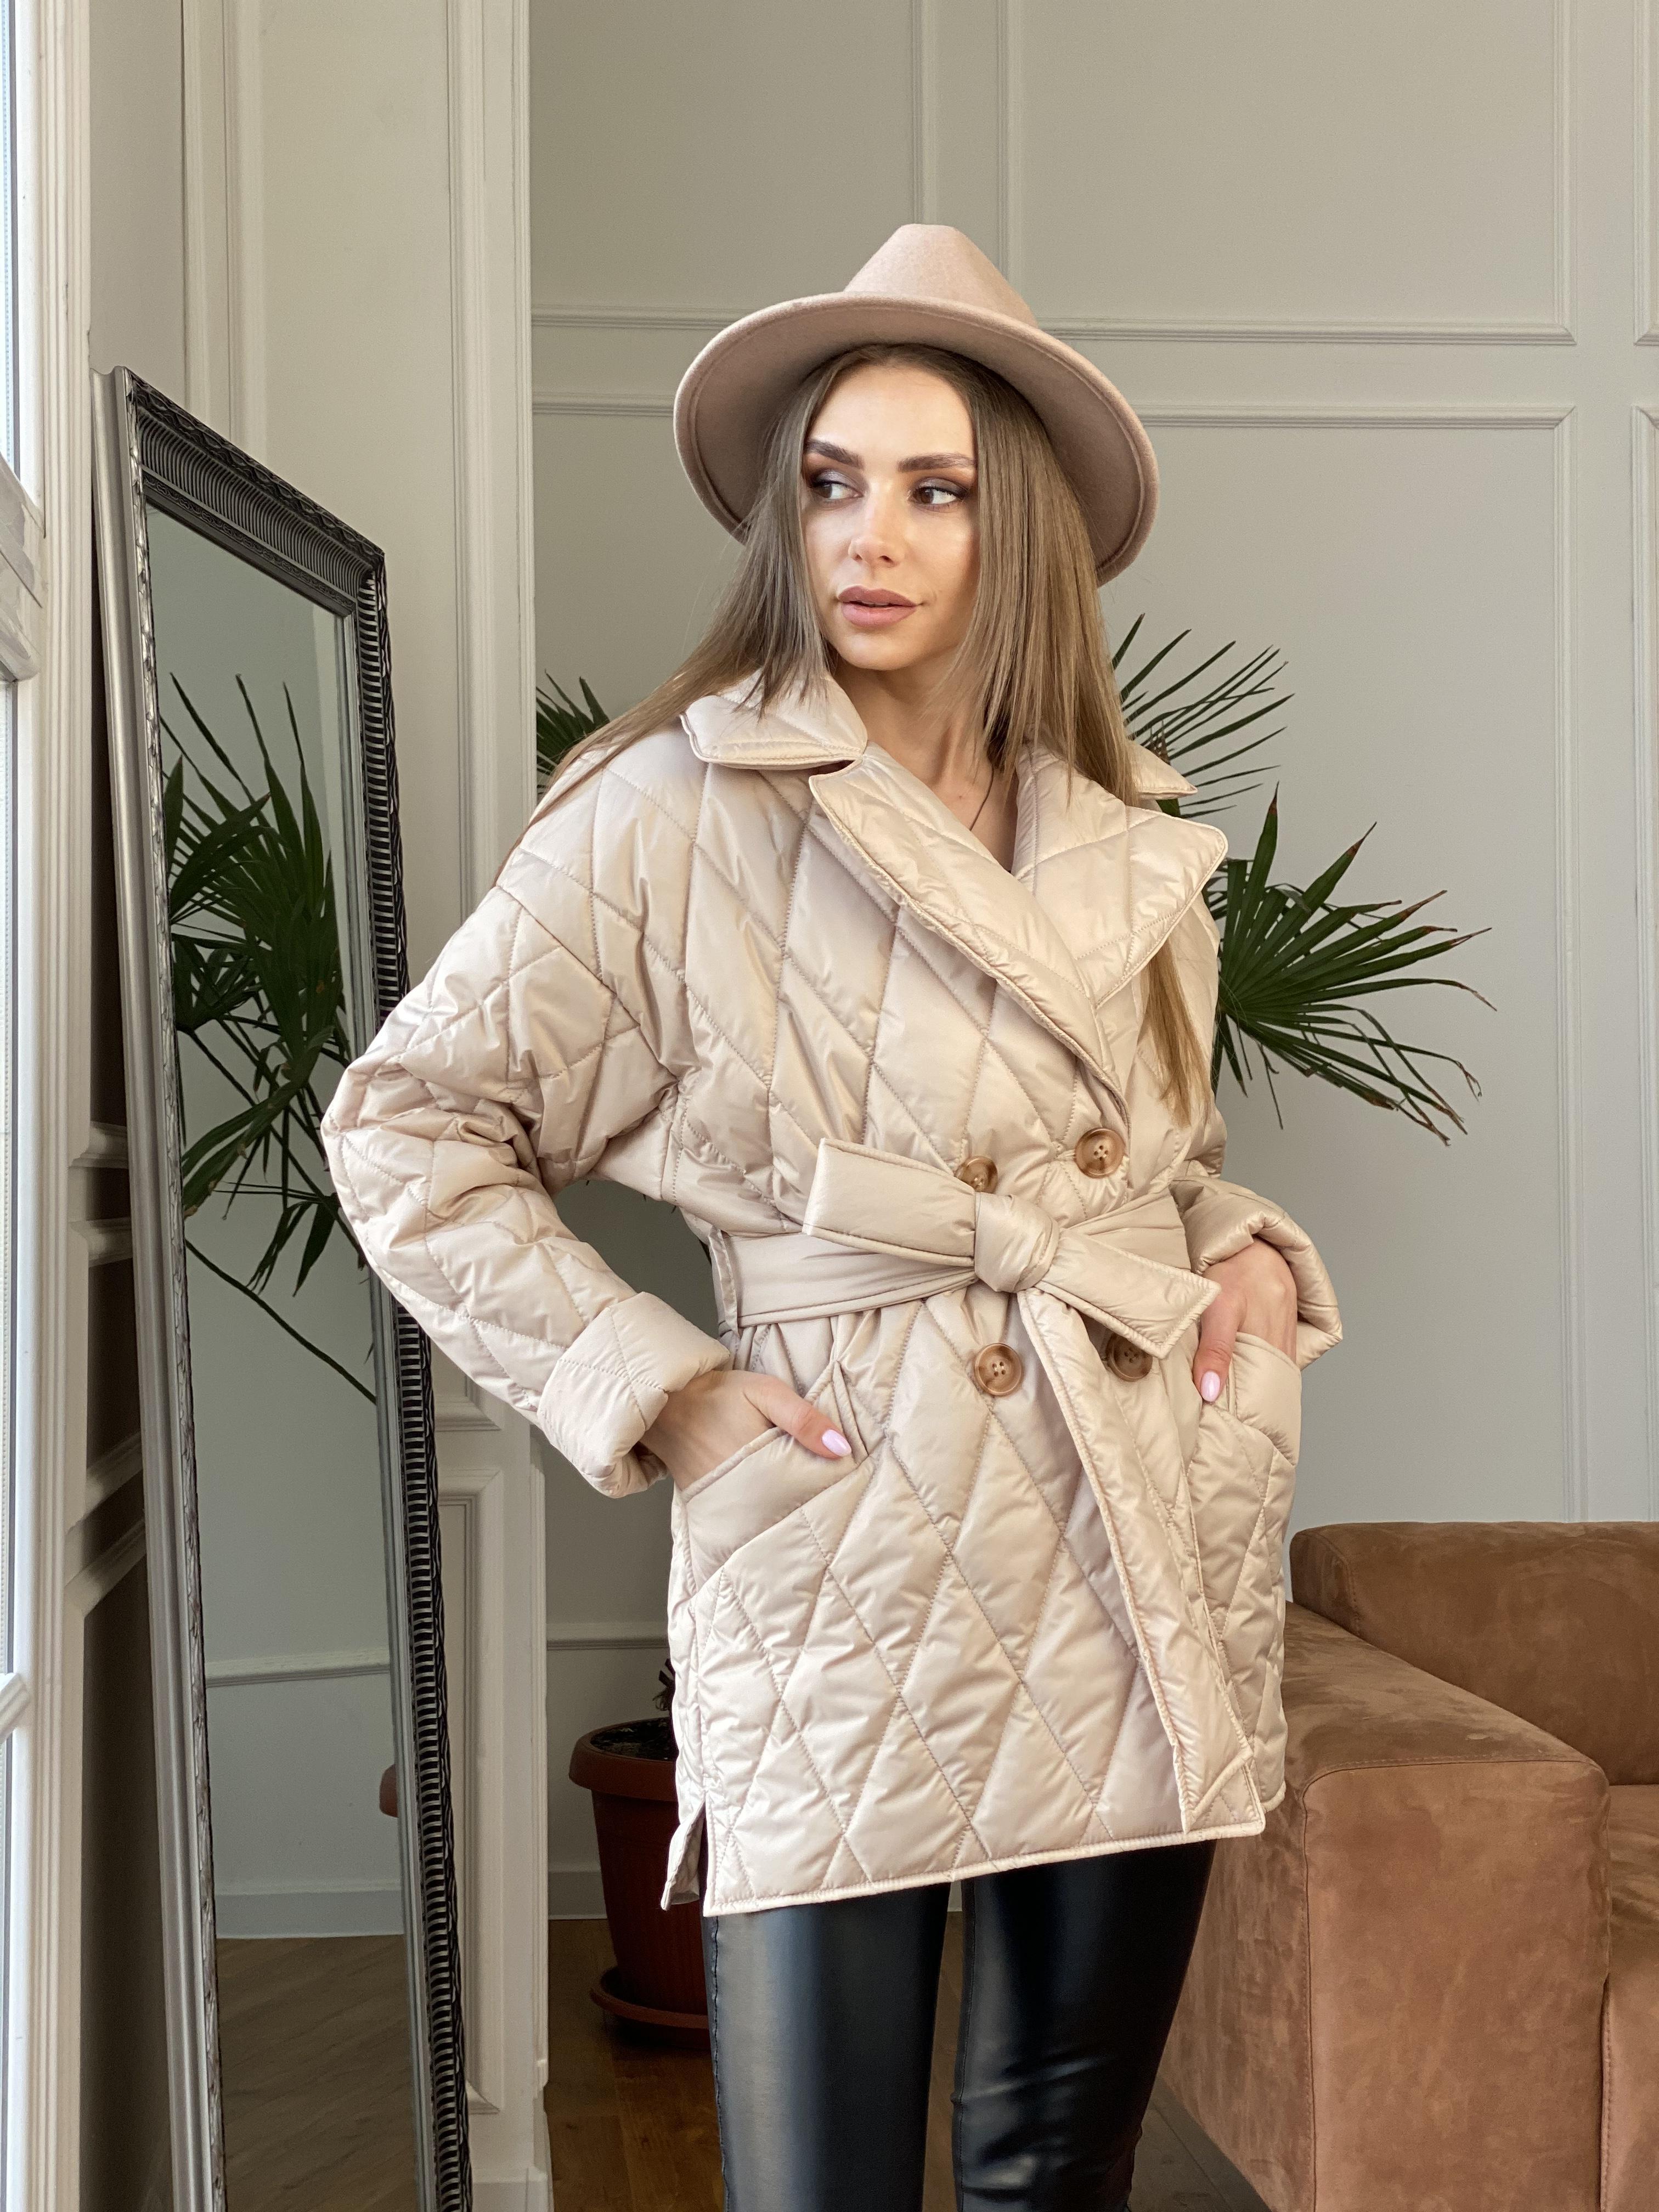 Норд куртка из плащевой ткани стеганая 10883 АРТ. 47411 Цвет: Бежевый - фото 5, интернет магазин tm-modus.ru